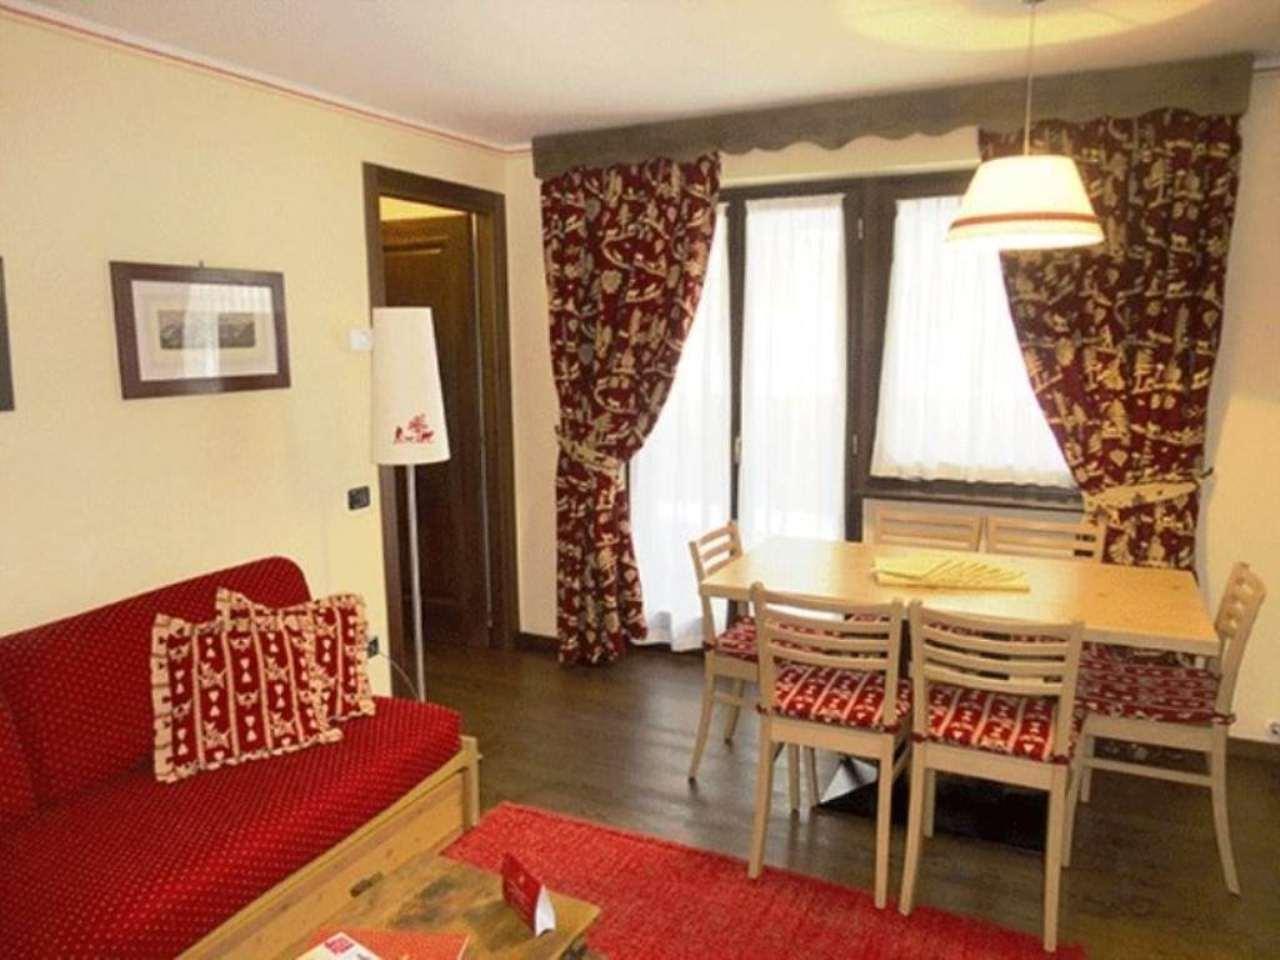 Appartamento in vendita a Courmayeur, 3 locali, prezzo € 470.000 | CambioCasa.it